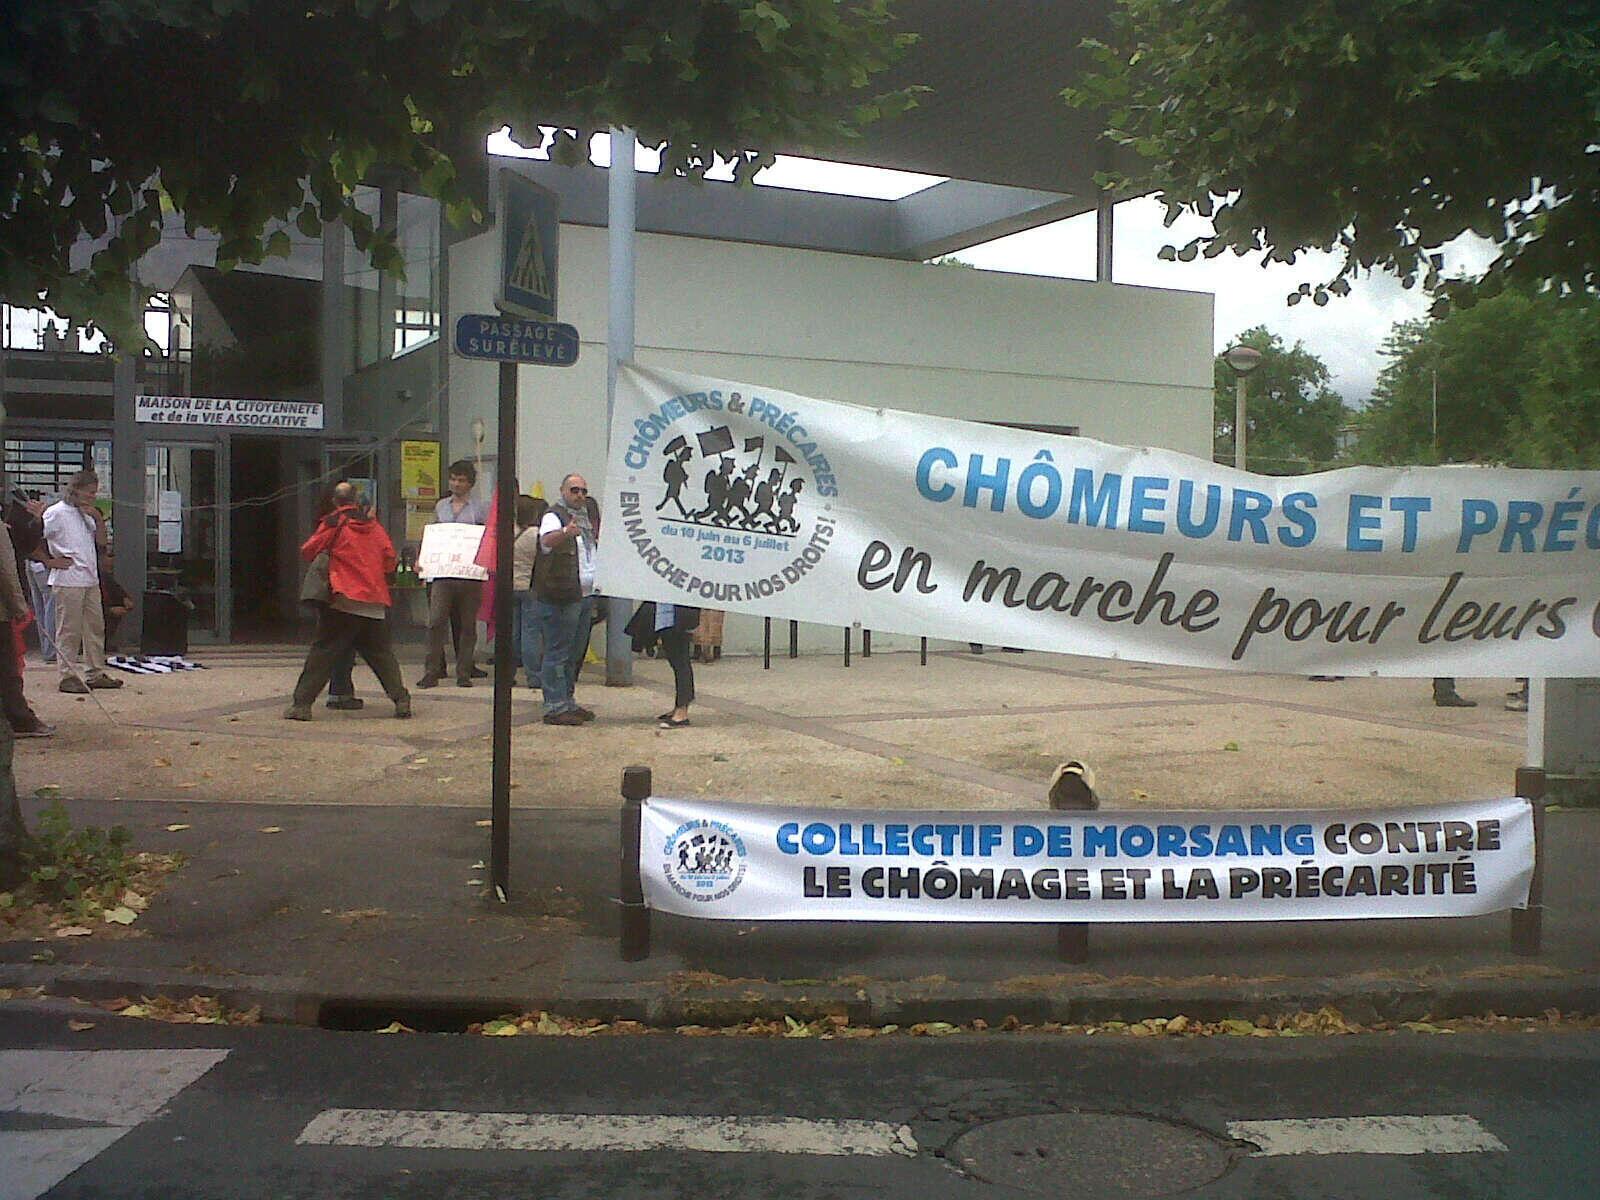 A marcha dos desempregados reuniu dezenas de pessoas em Paris